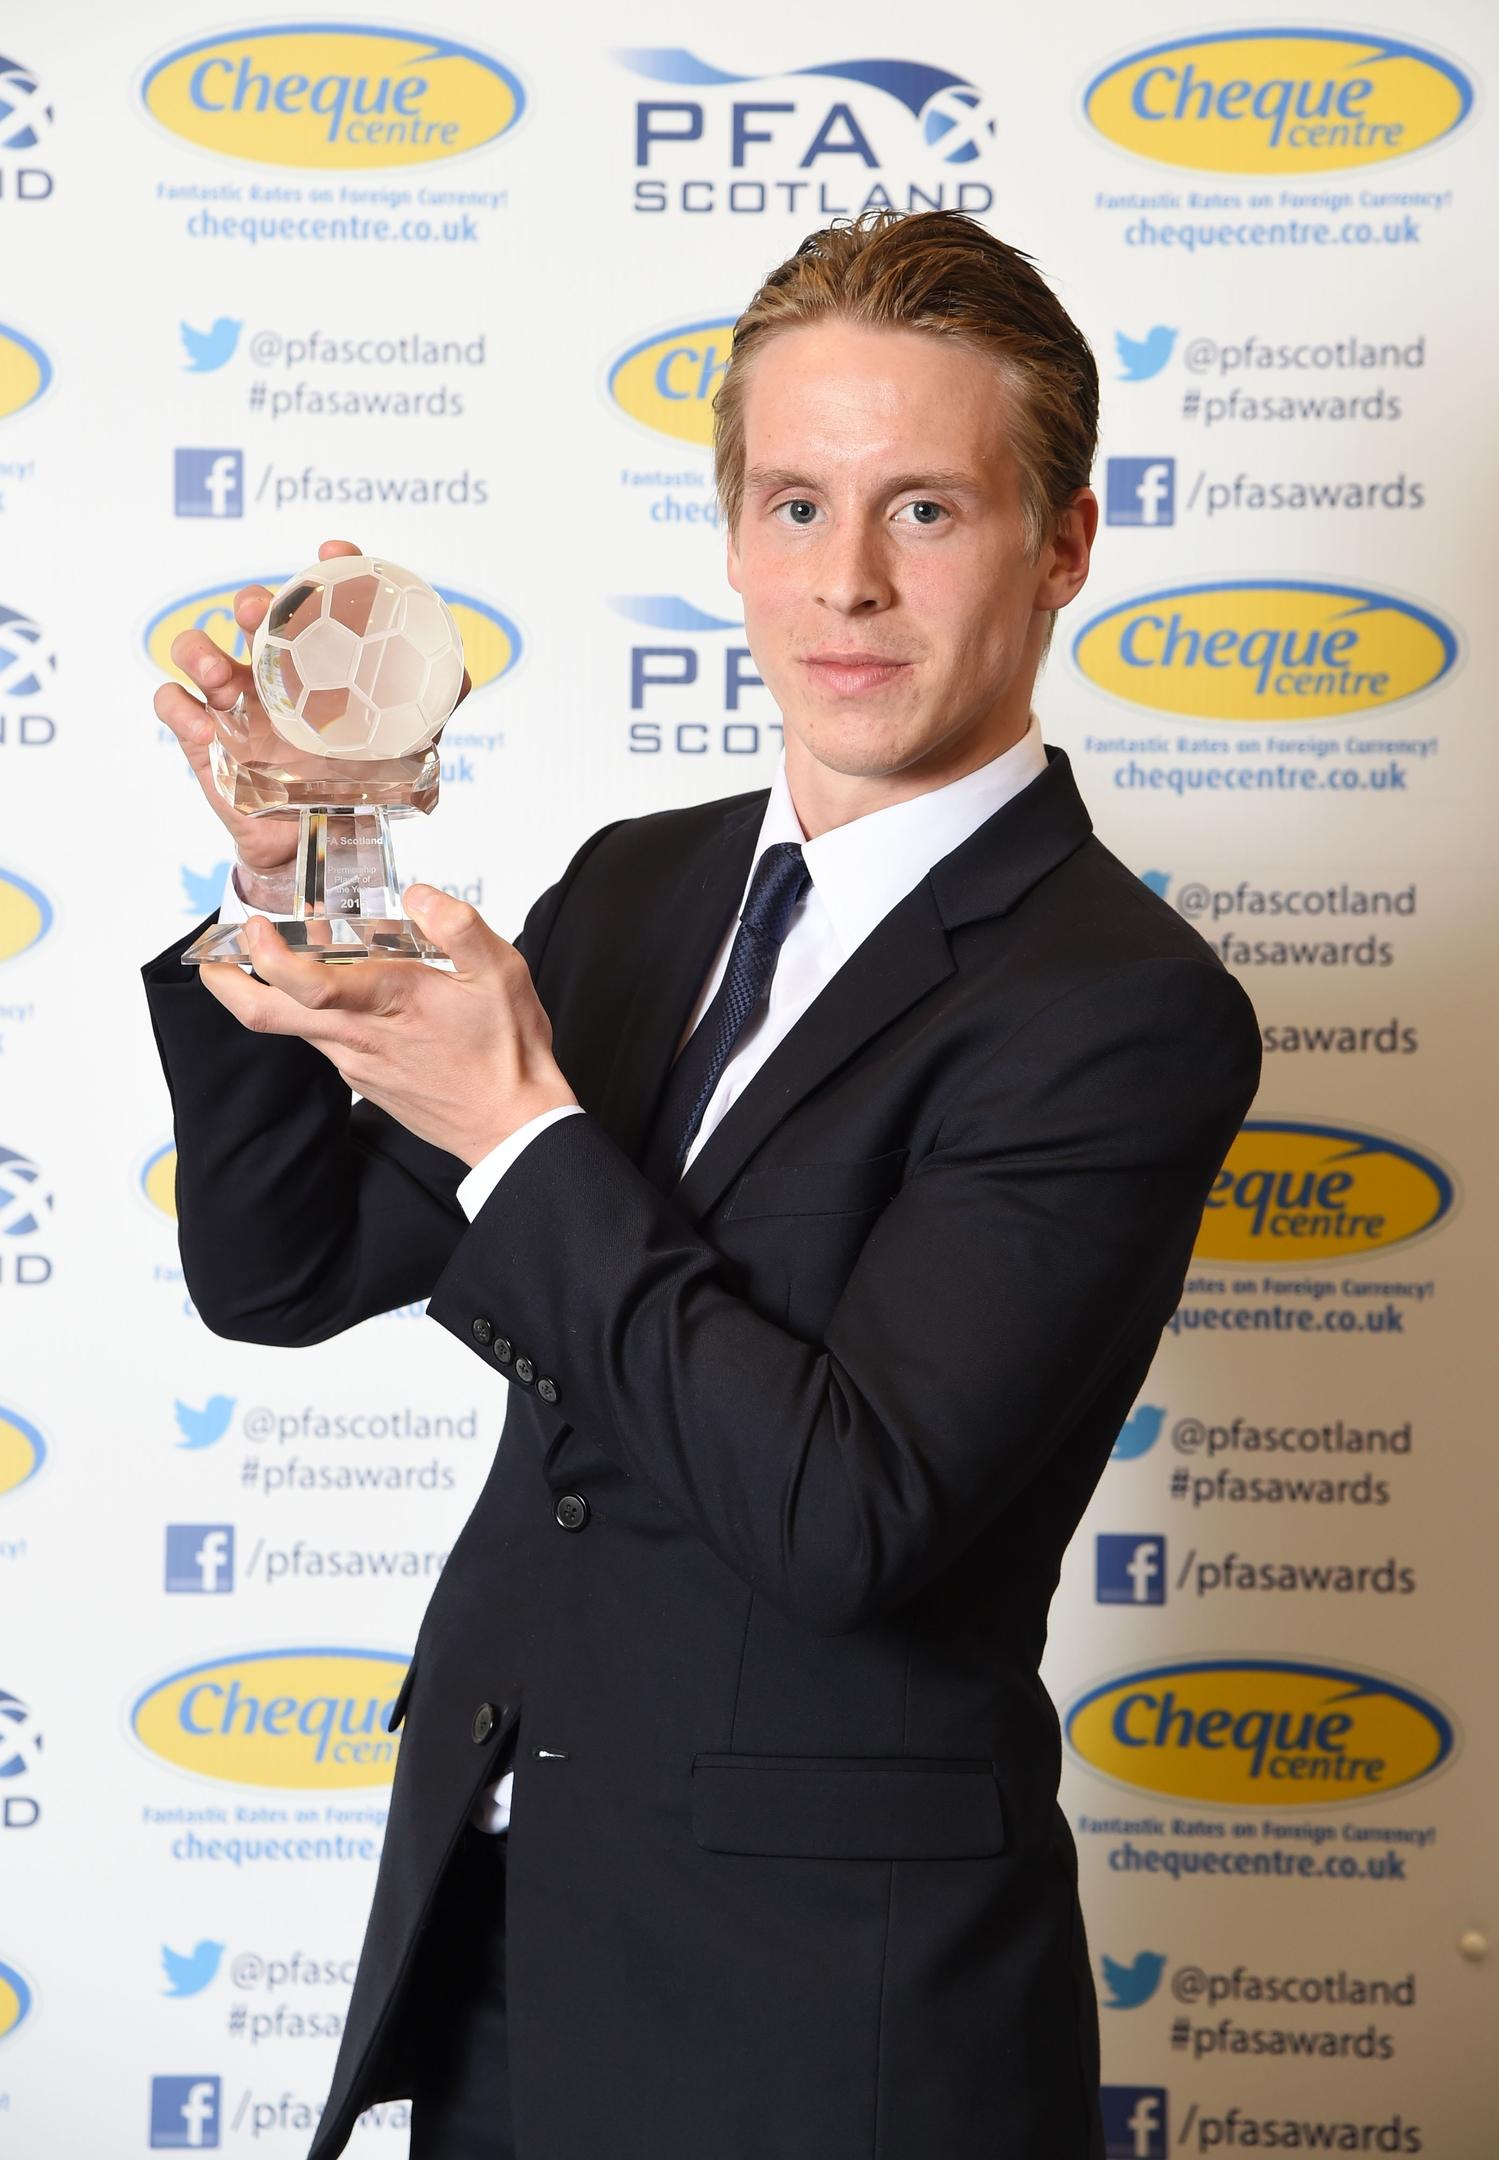 Stefan Johansen won the 2014/15 PFA Scotland Player of the Year Award